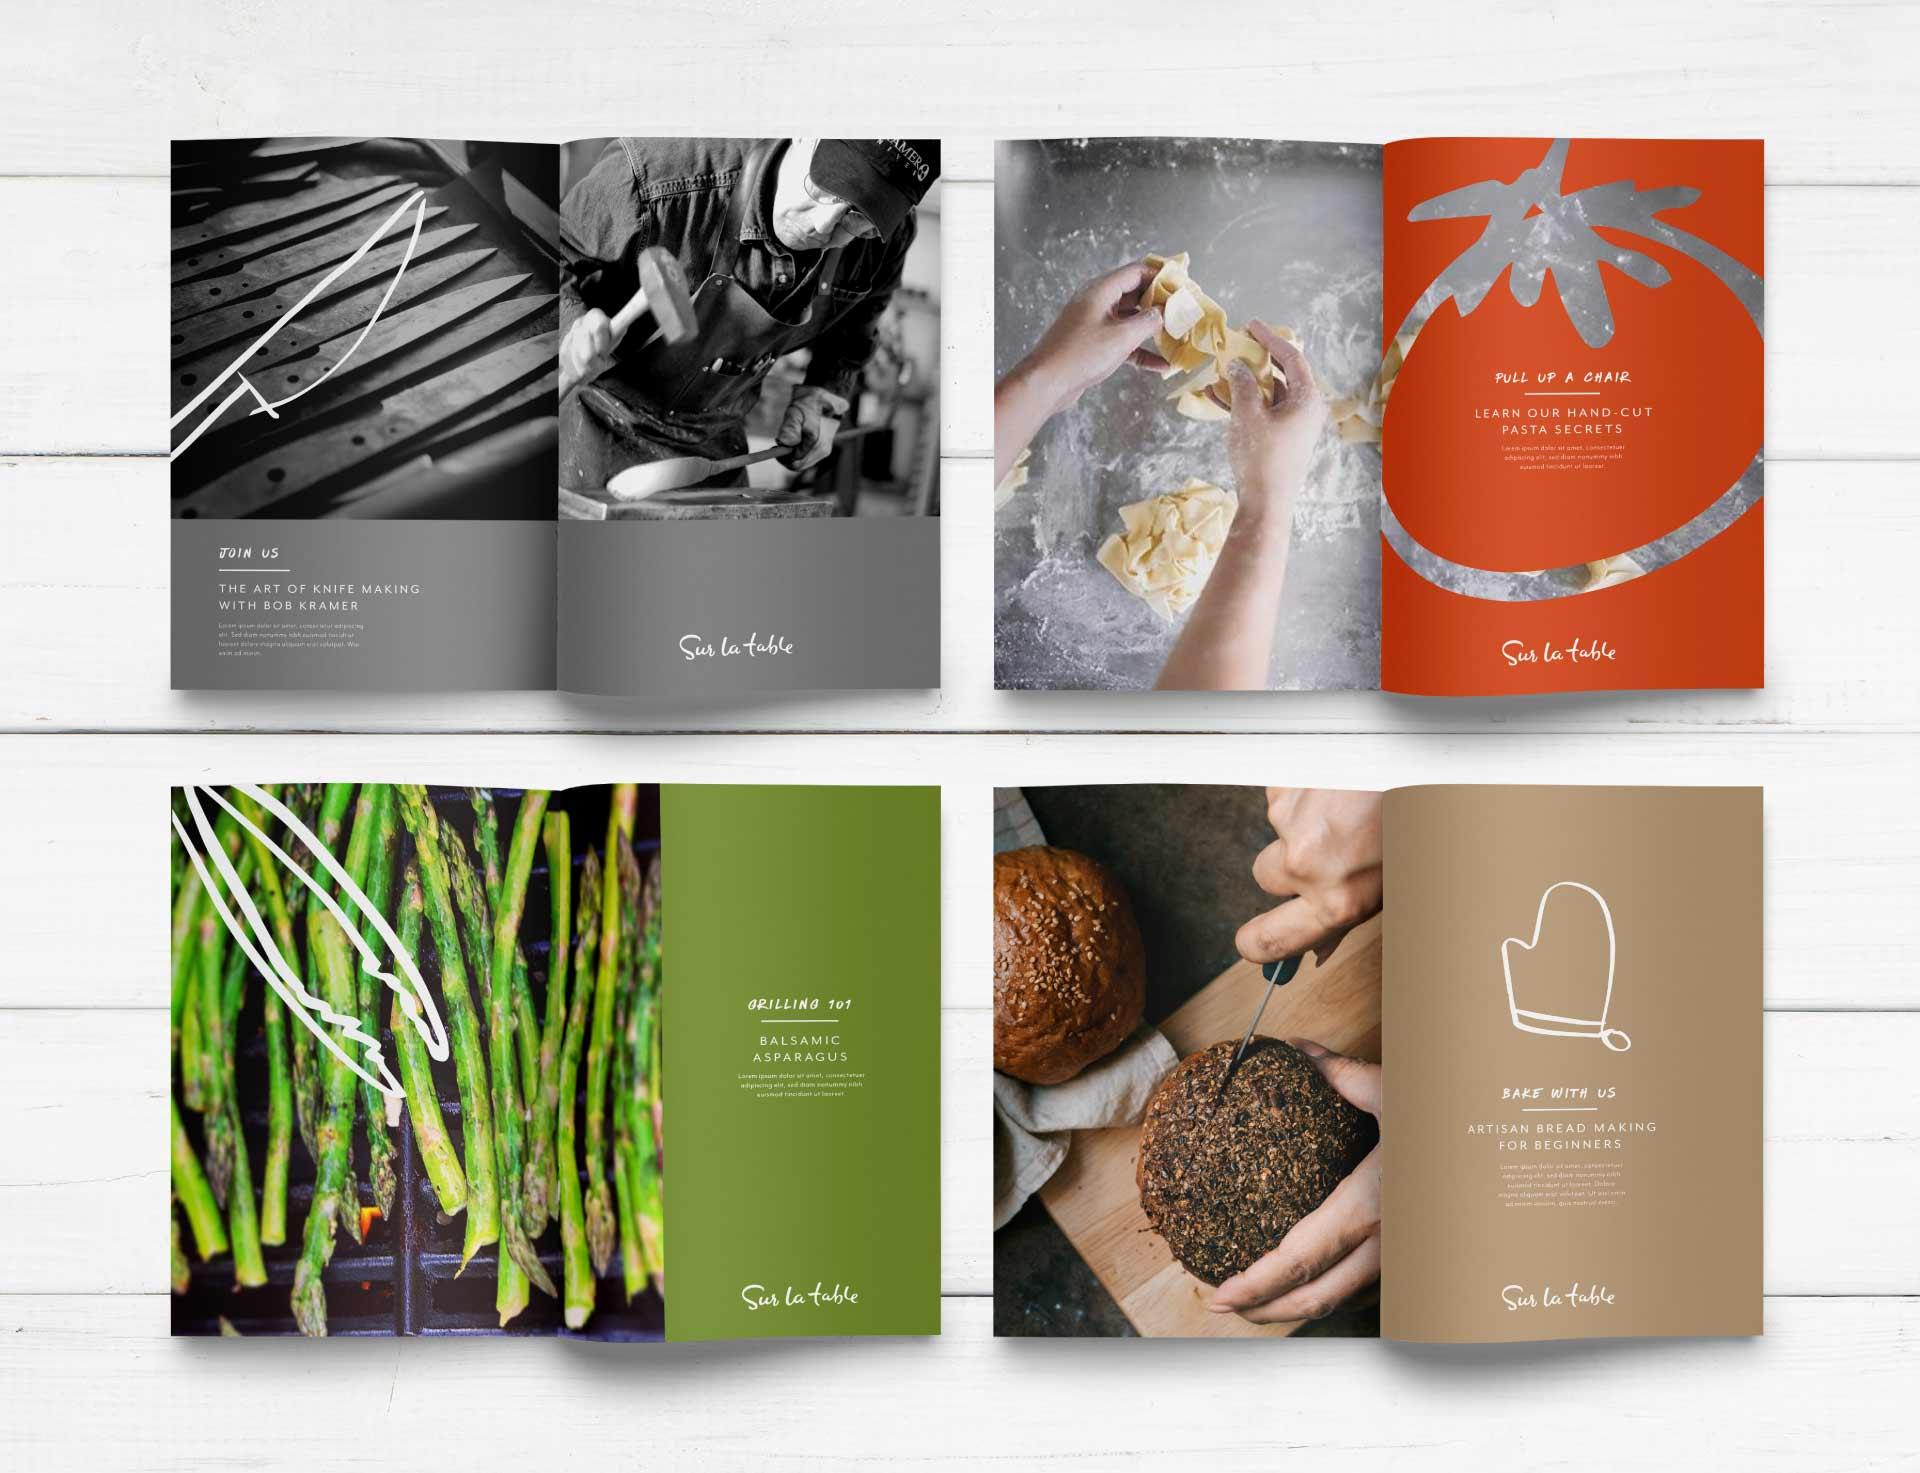 Creative_Retail_Packaging_Branding_Design_Sur_La_Table_12_2-1.jpg